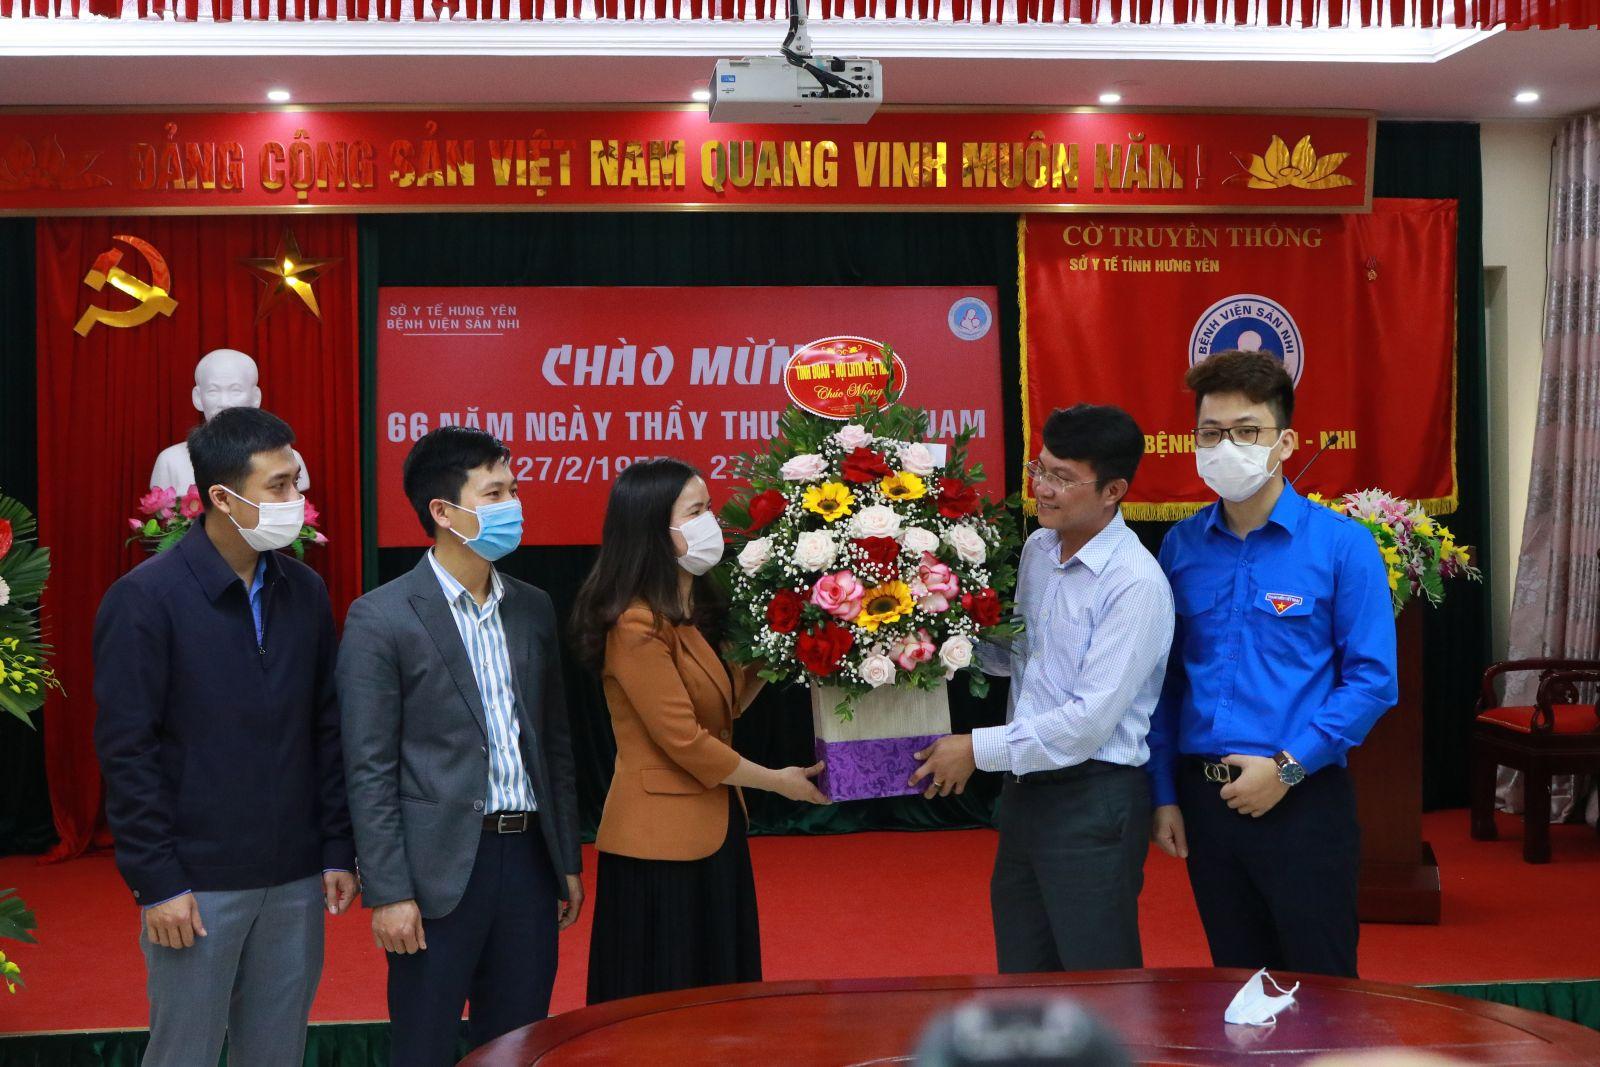 Ban Thường vụ Tỉnh đoàn, Hội LHTN Việt Nam tỉnh tặng hoa chúc mừng  nhân kỷ niệm 66 năm Ngày Thầy thuốc Việt Nam